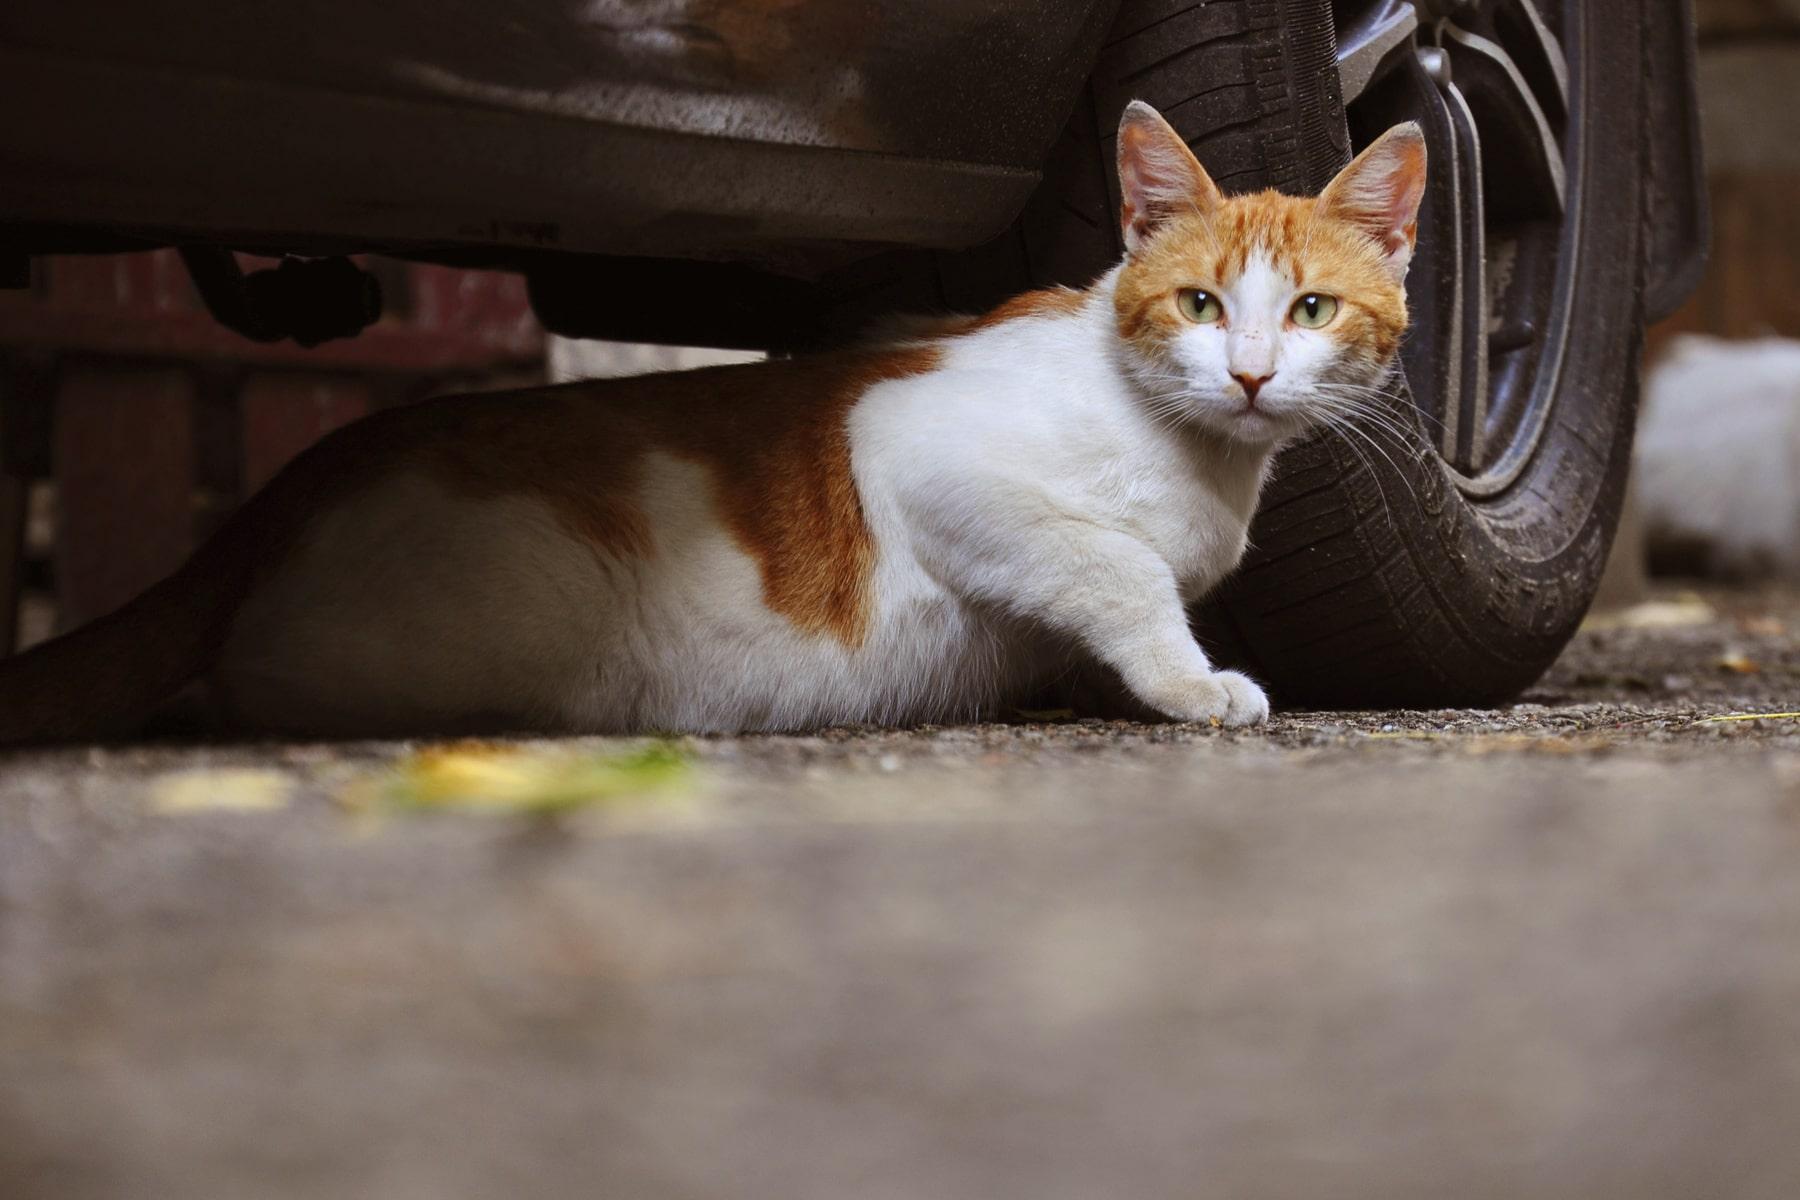 Los gatos en la calle necesitan ayuda